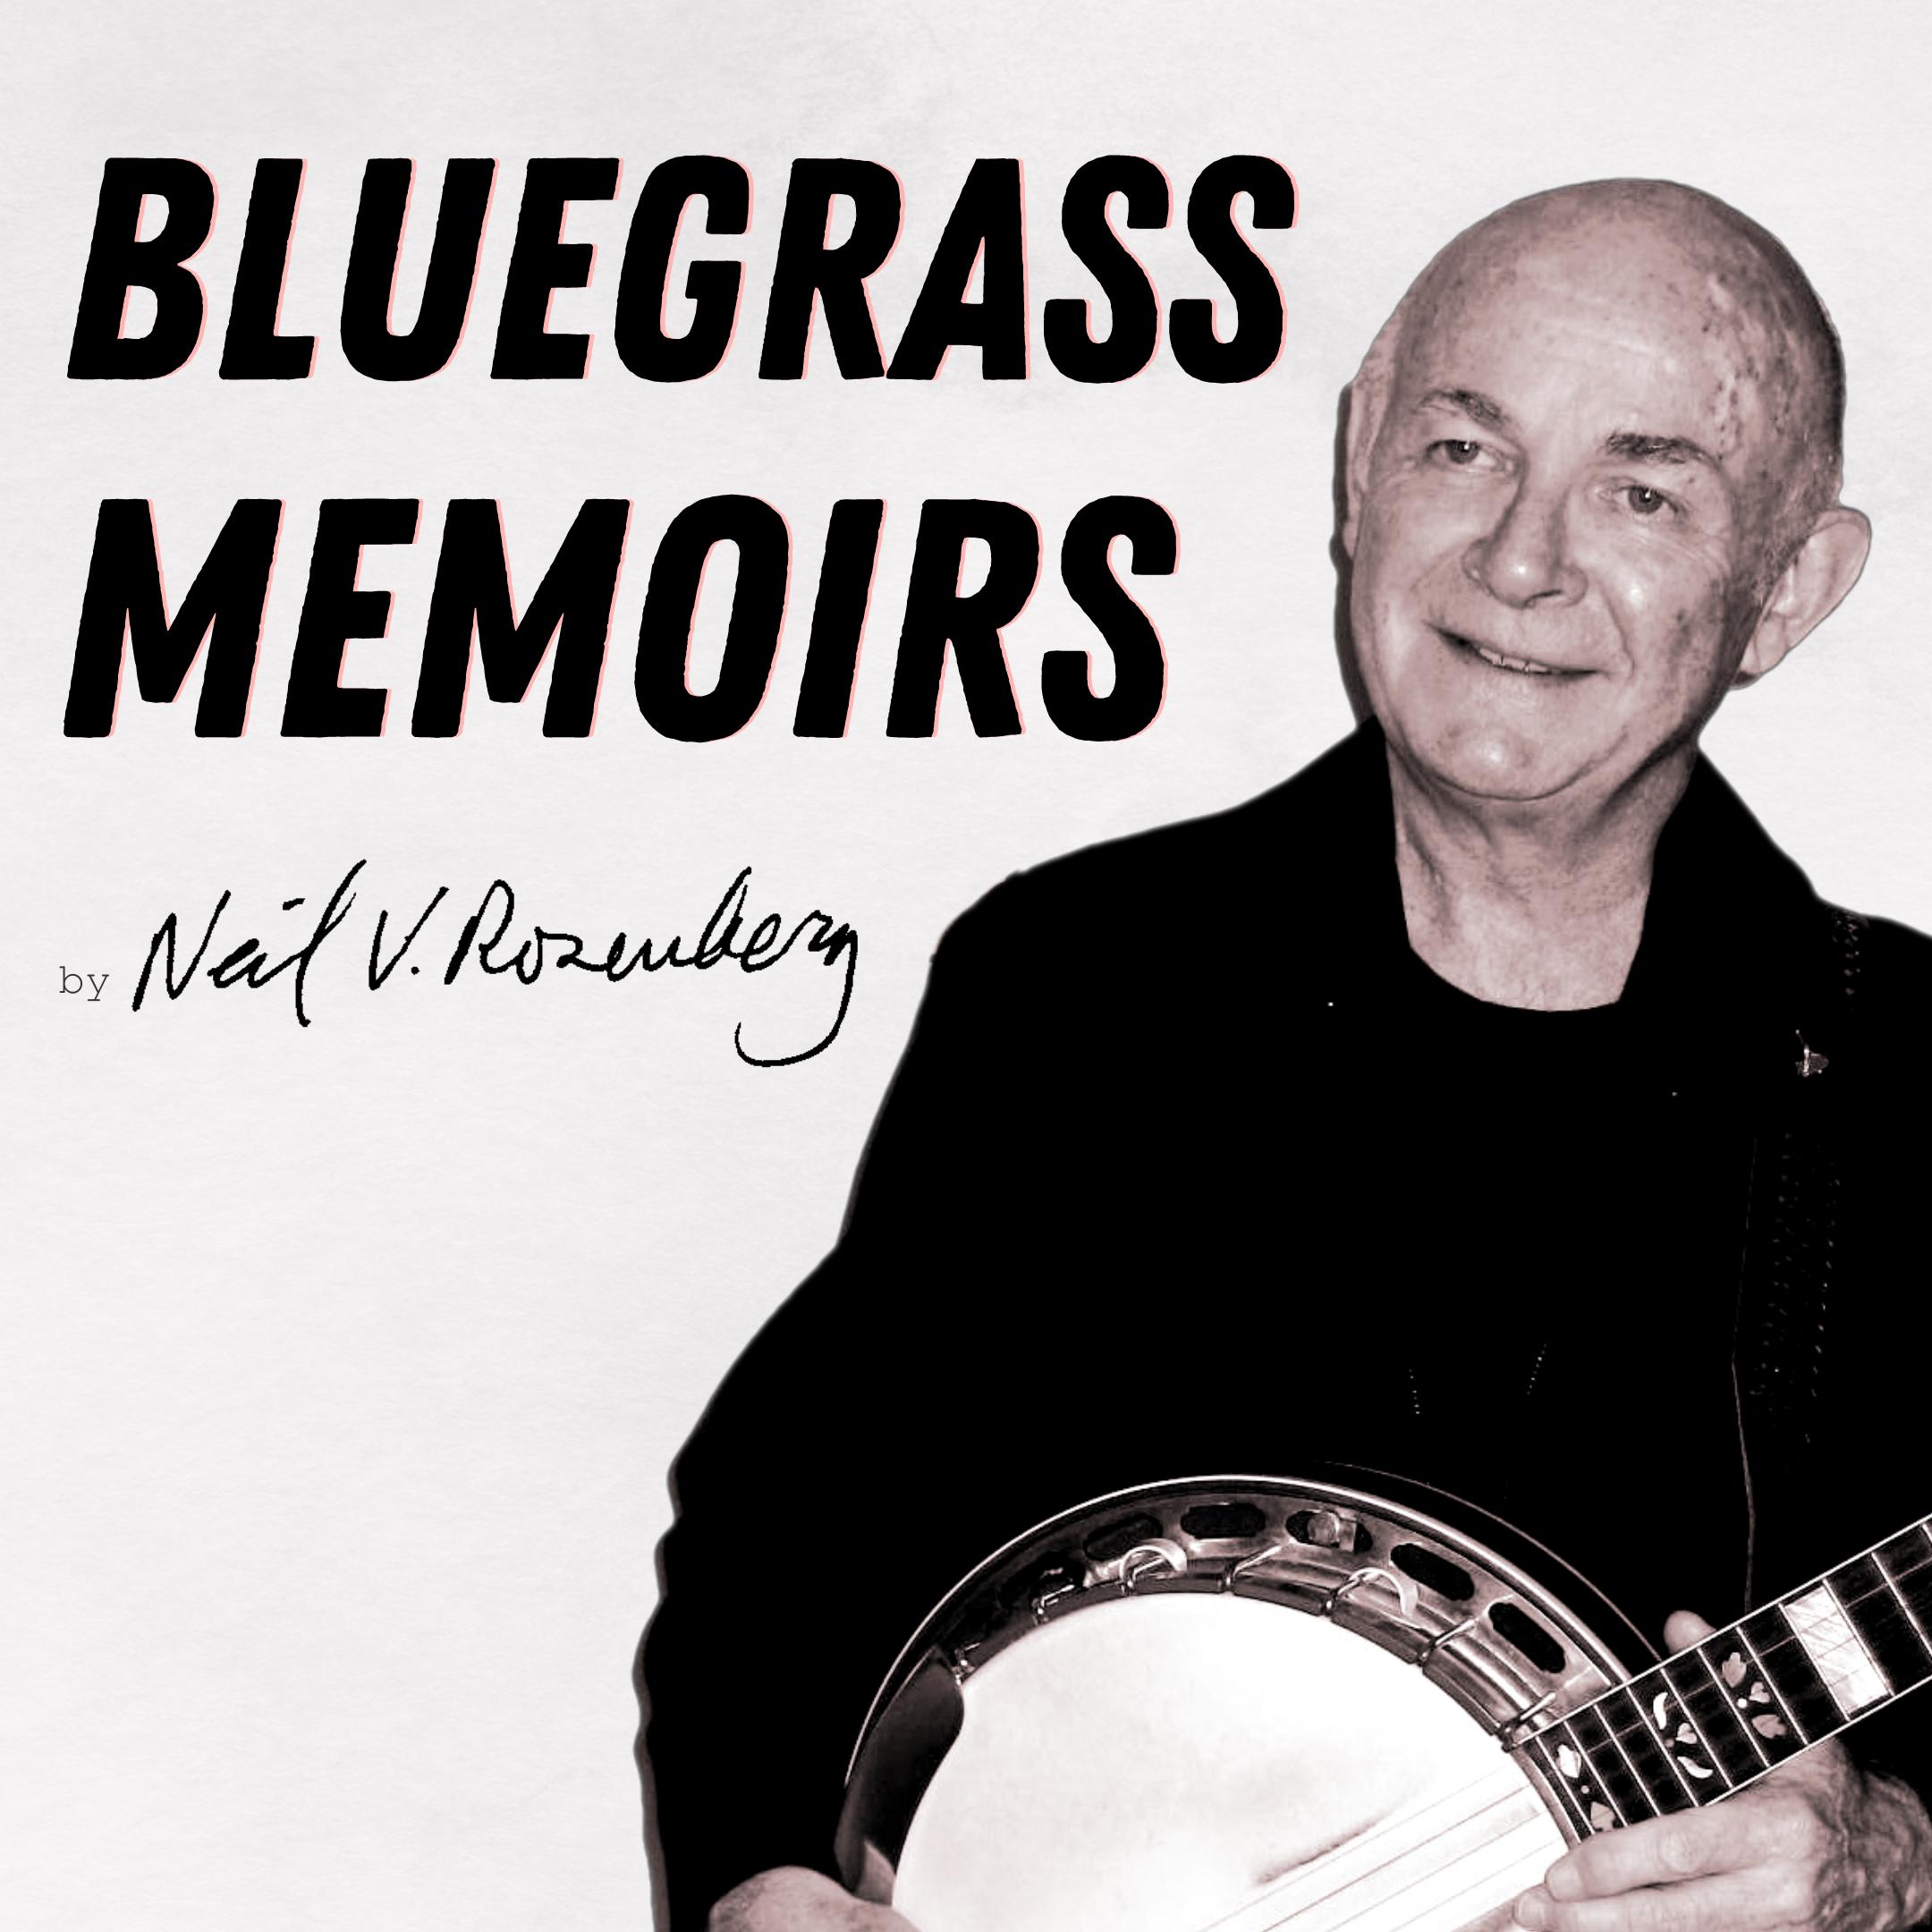 Bluegrass Memoirs: Thanks to Eric Weissberg